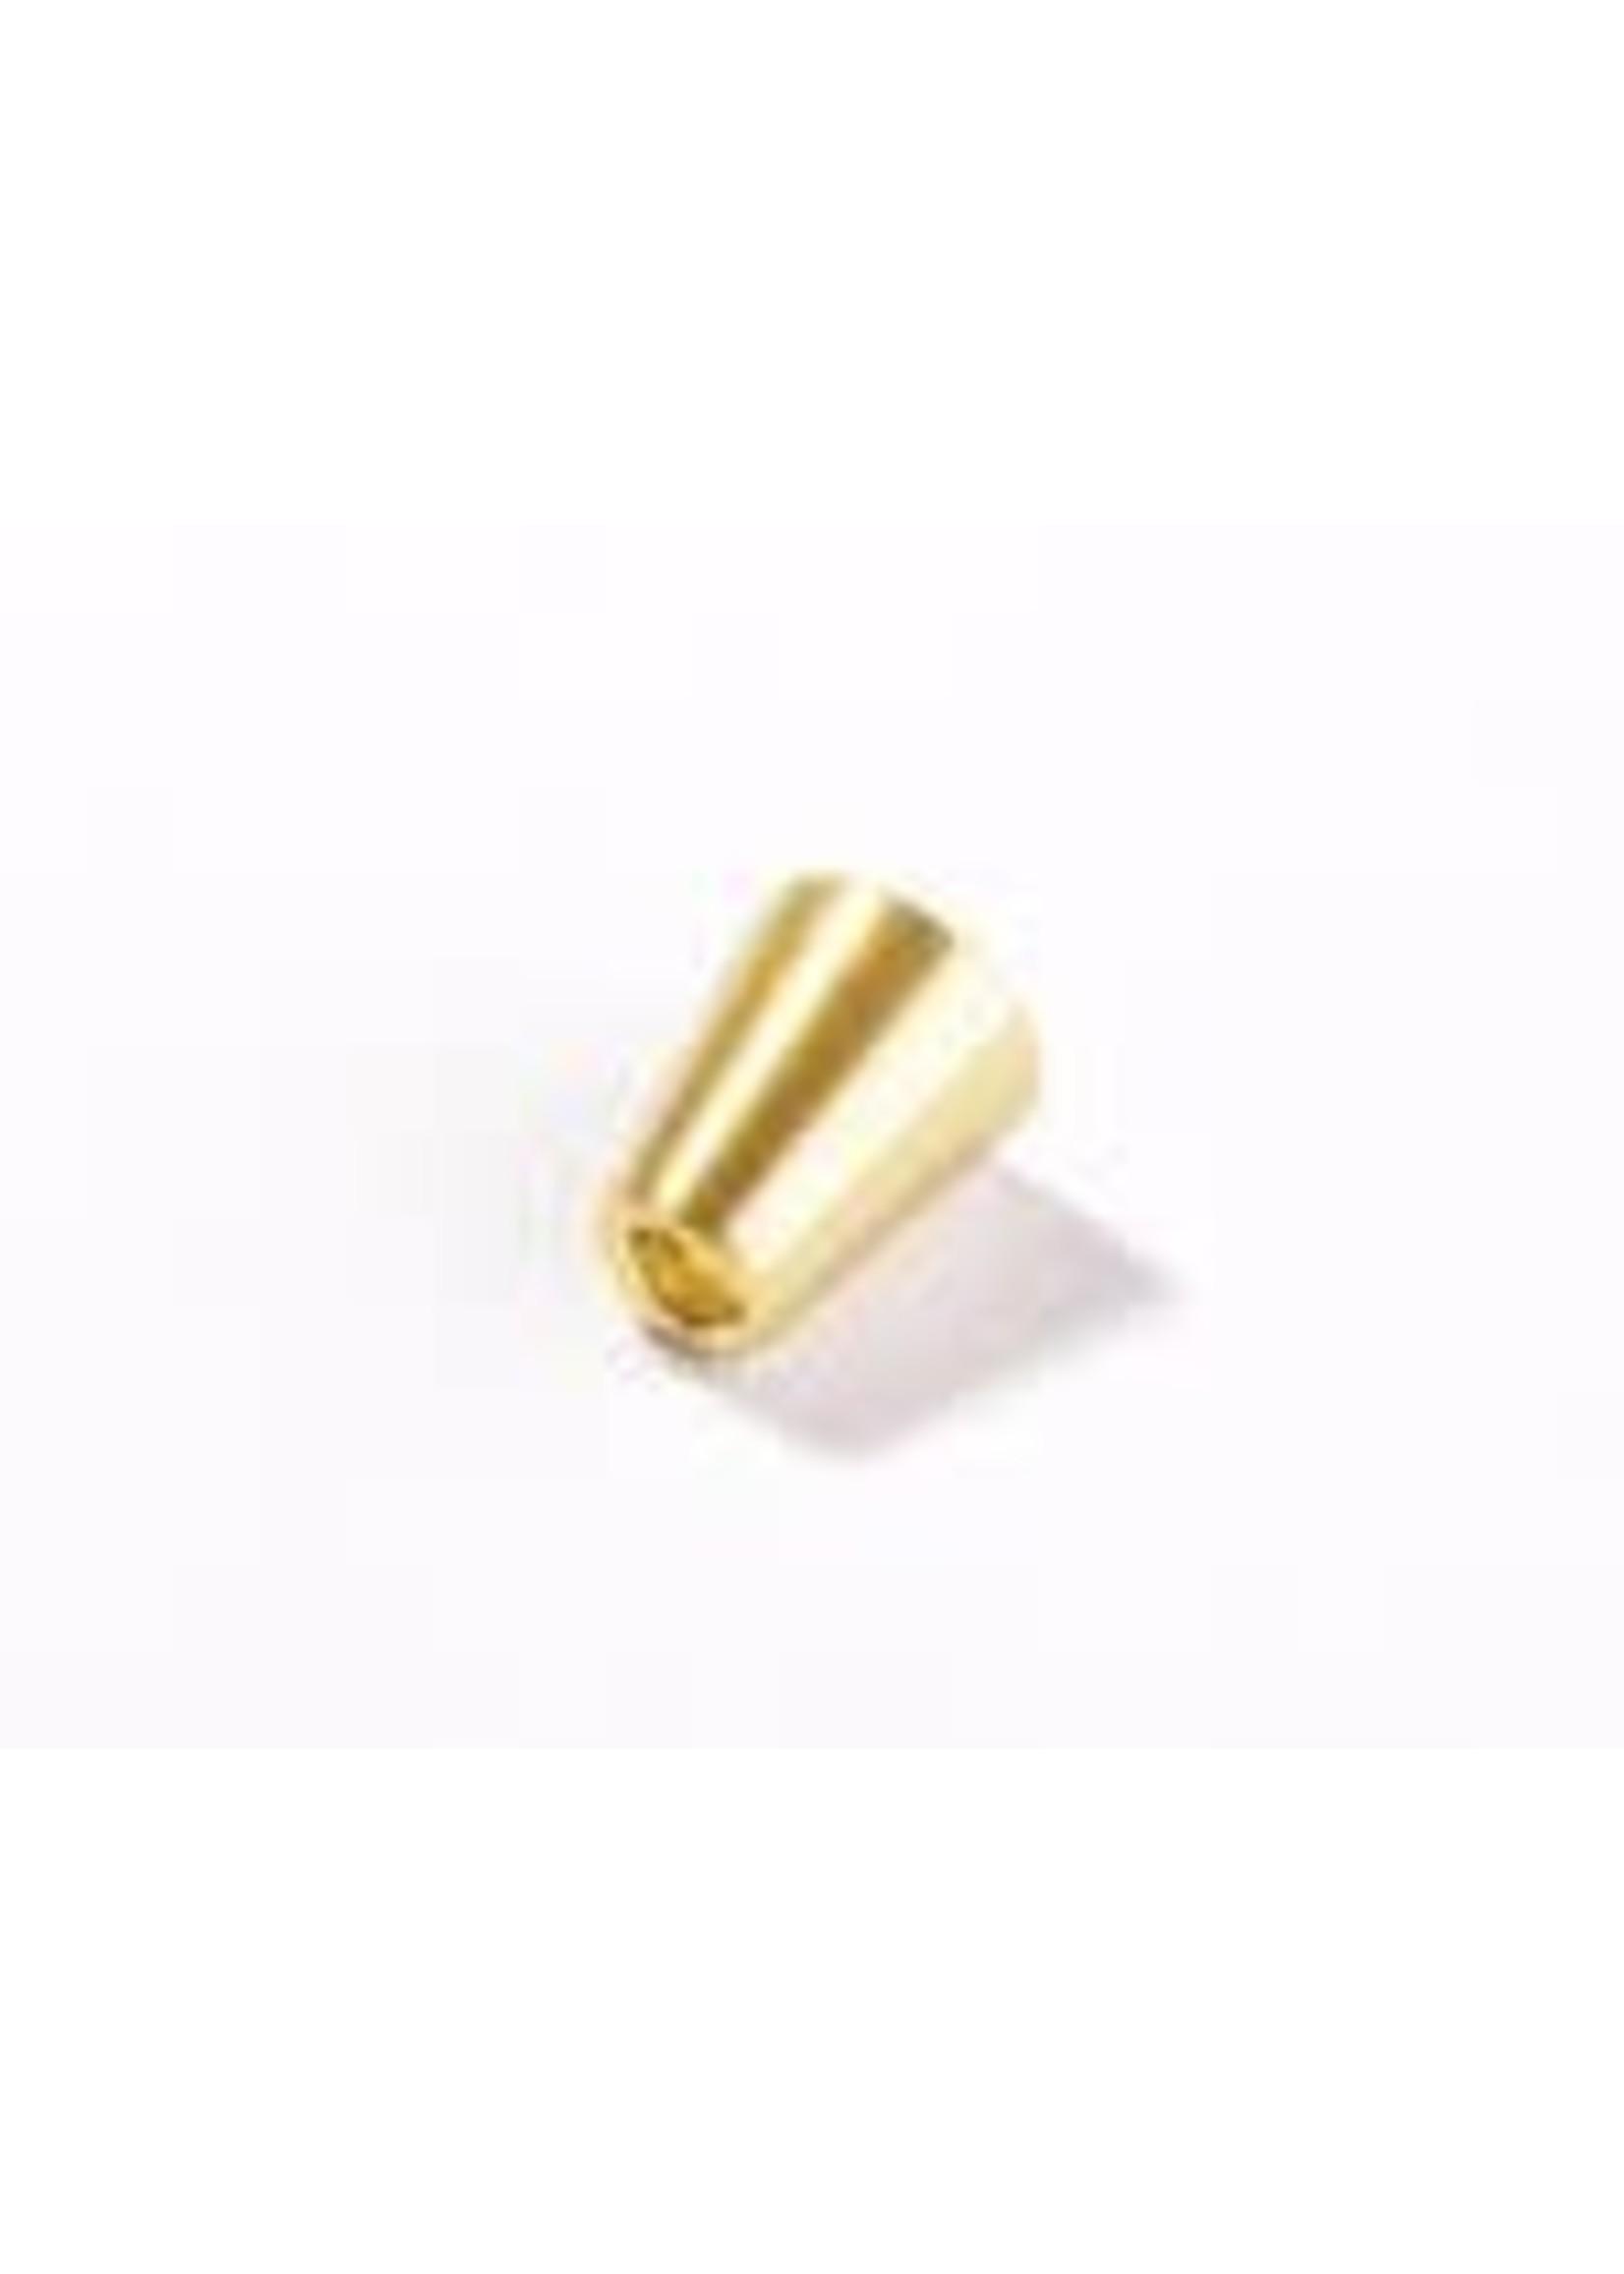 Schnaply Koordstopper Goud 4mm / 2 stuks